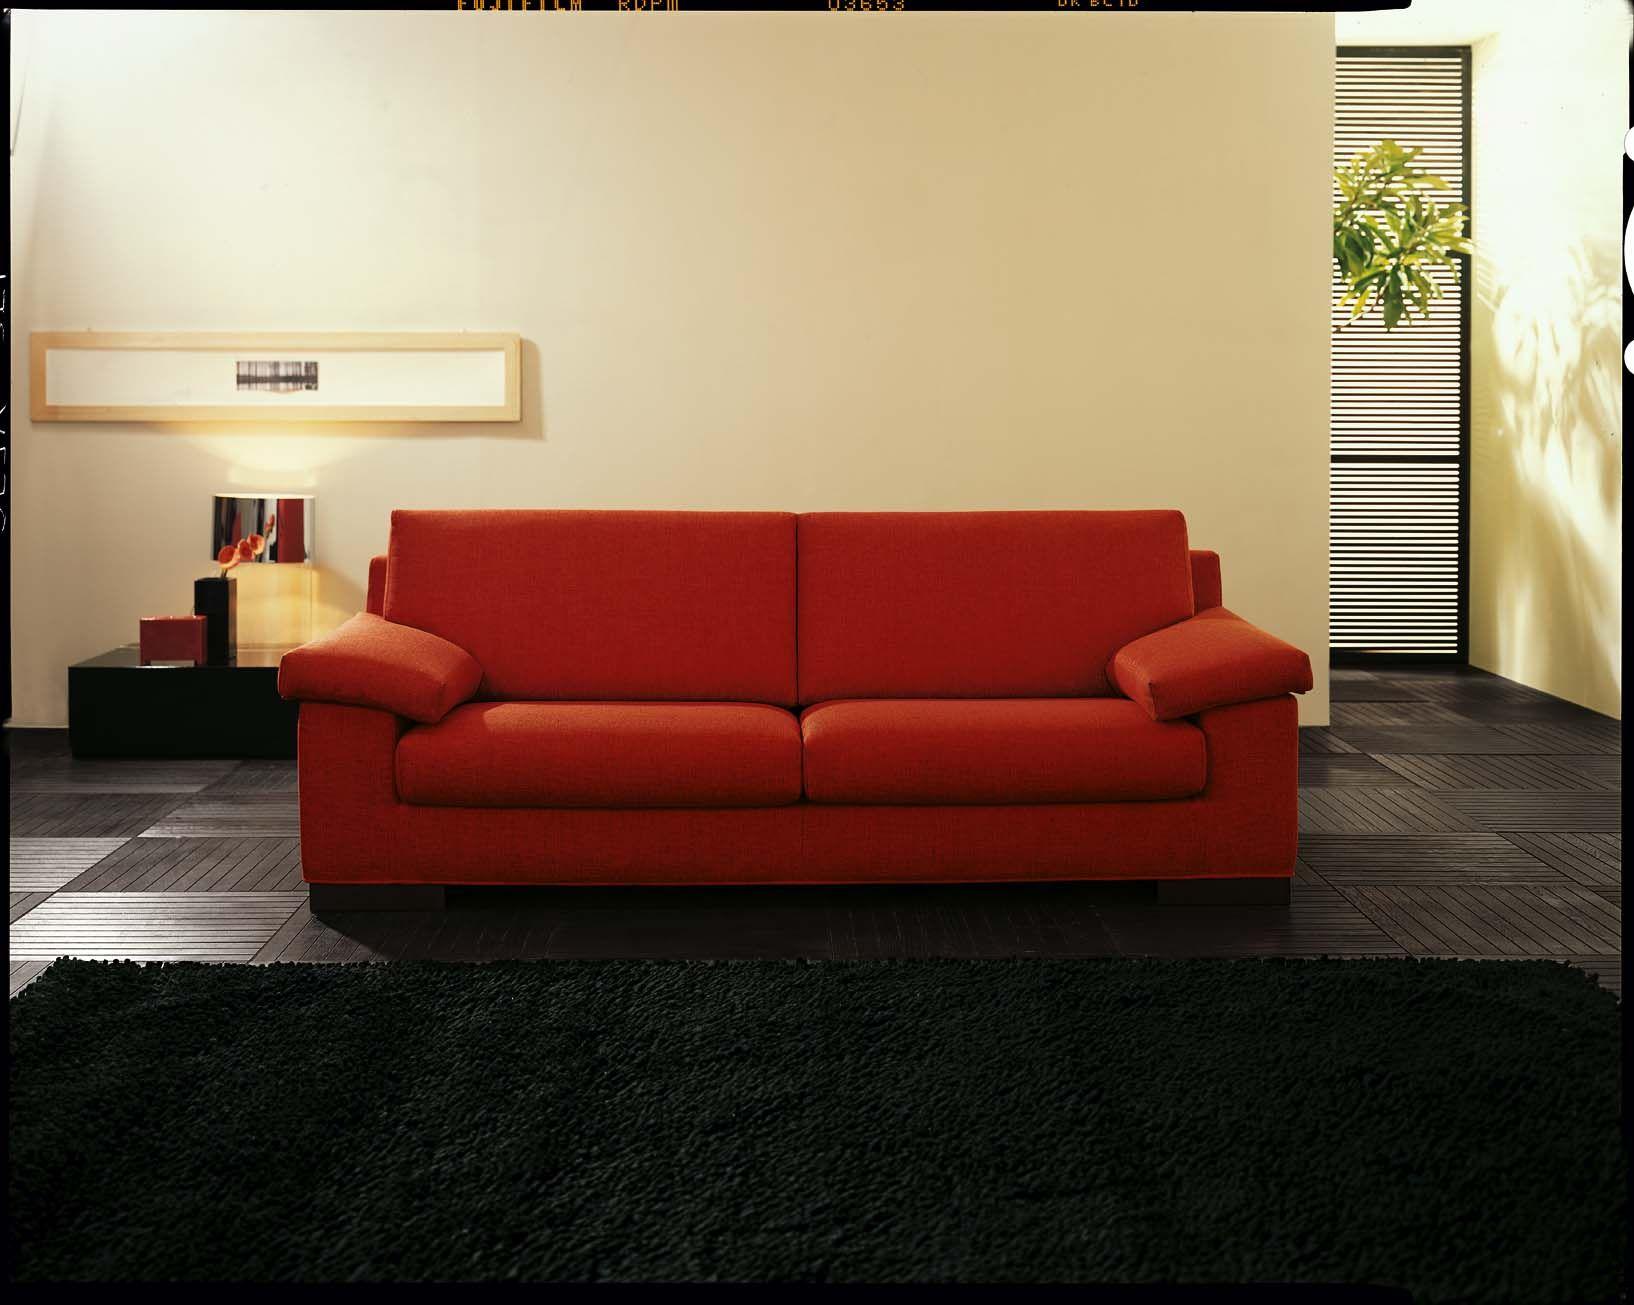 Divano Rosso Pelle : Il divano project comfort by samoa red rosso divani furniture